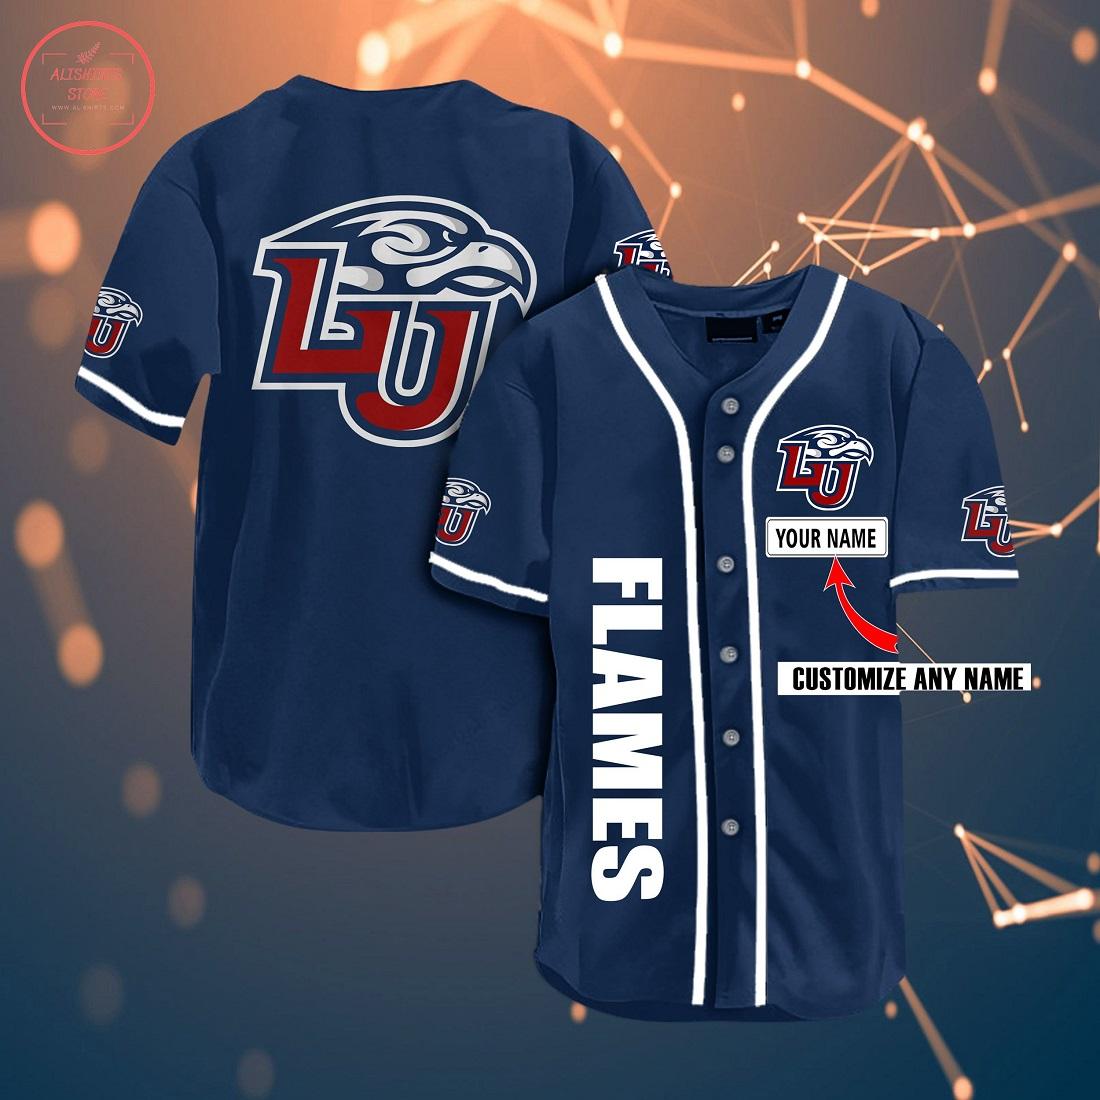 Ncaa Liberty Flames Personalized Baseball Jersey